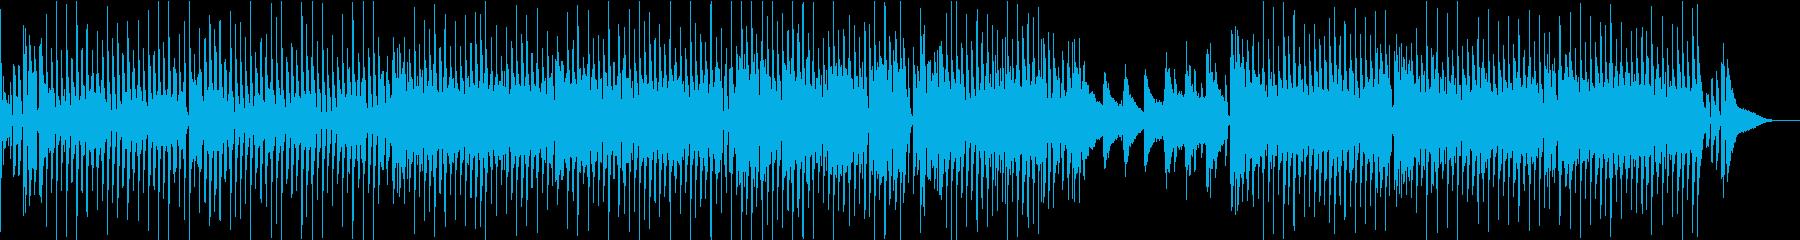 陽気なブルース調のポップスの再生済みの波形